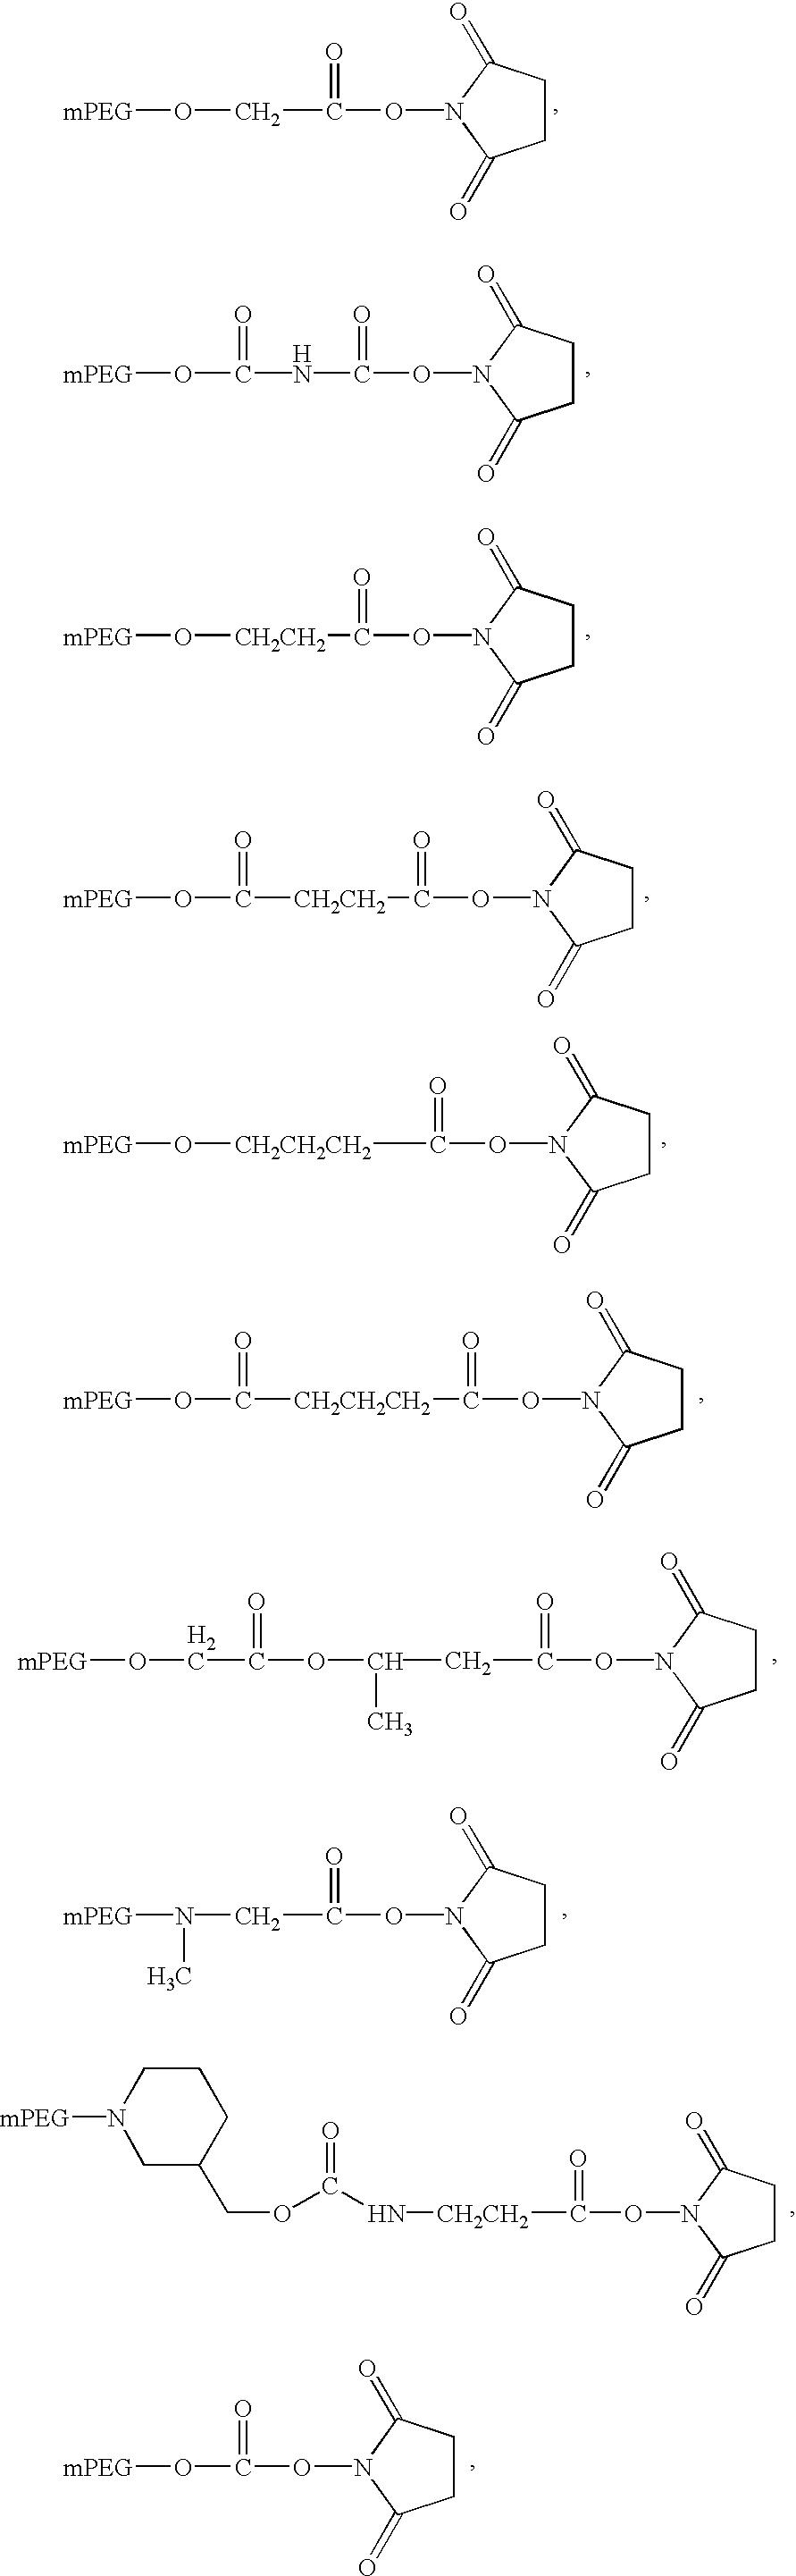 Figure US20030171285A1-20030911-C00014